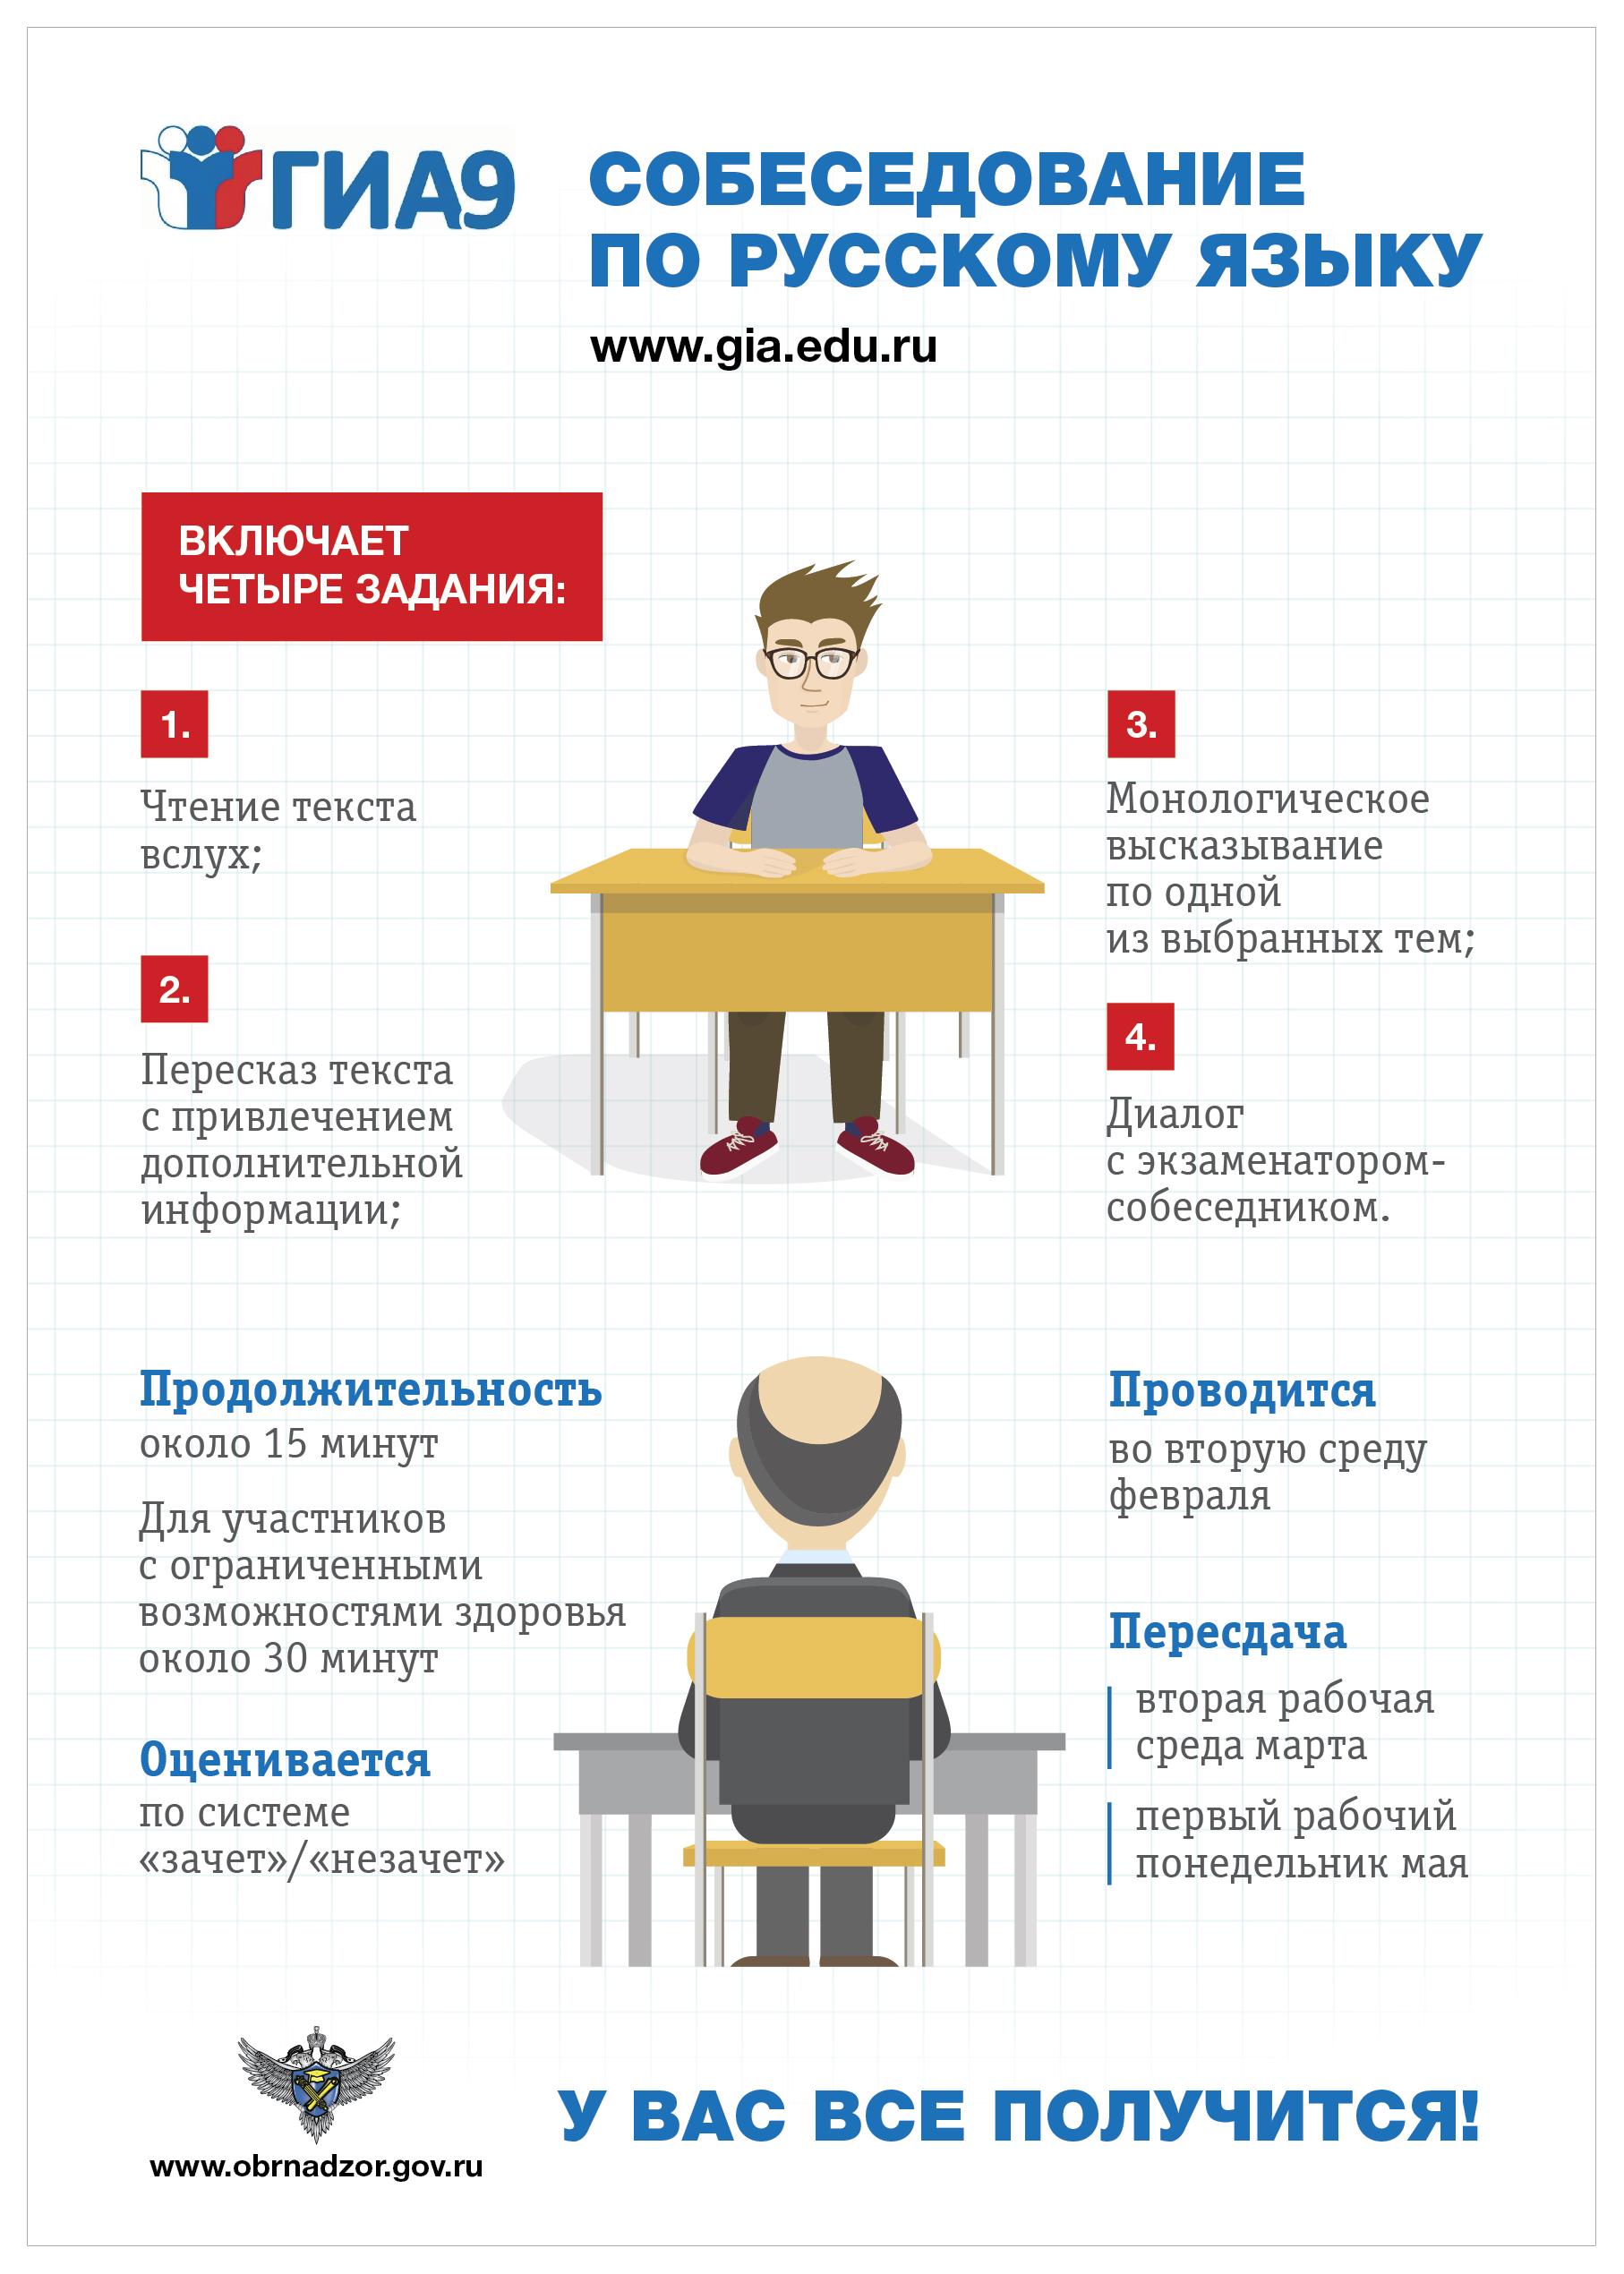 O sobesedovanii po russkomu yazyku2020